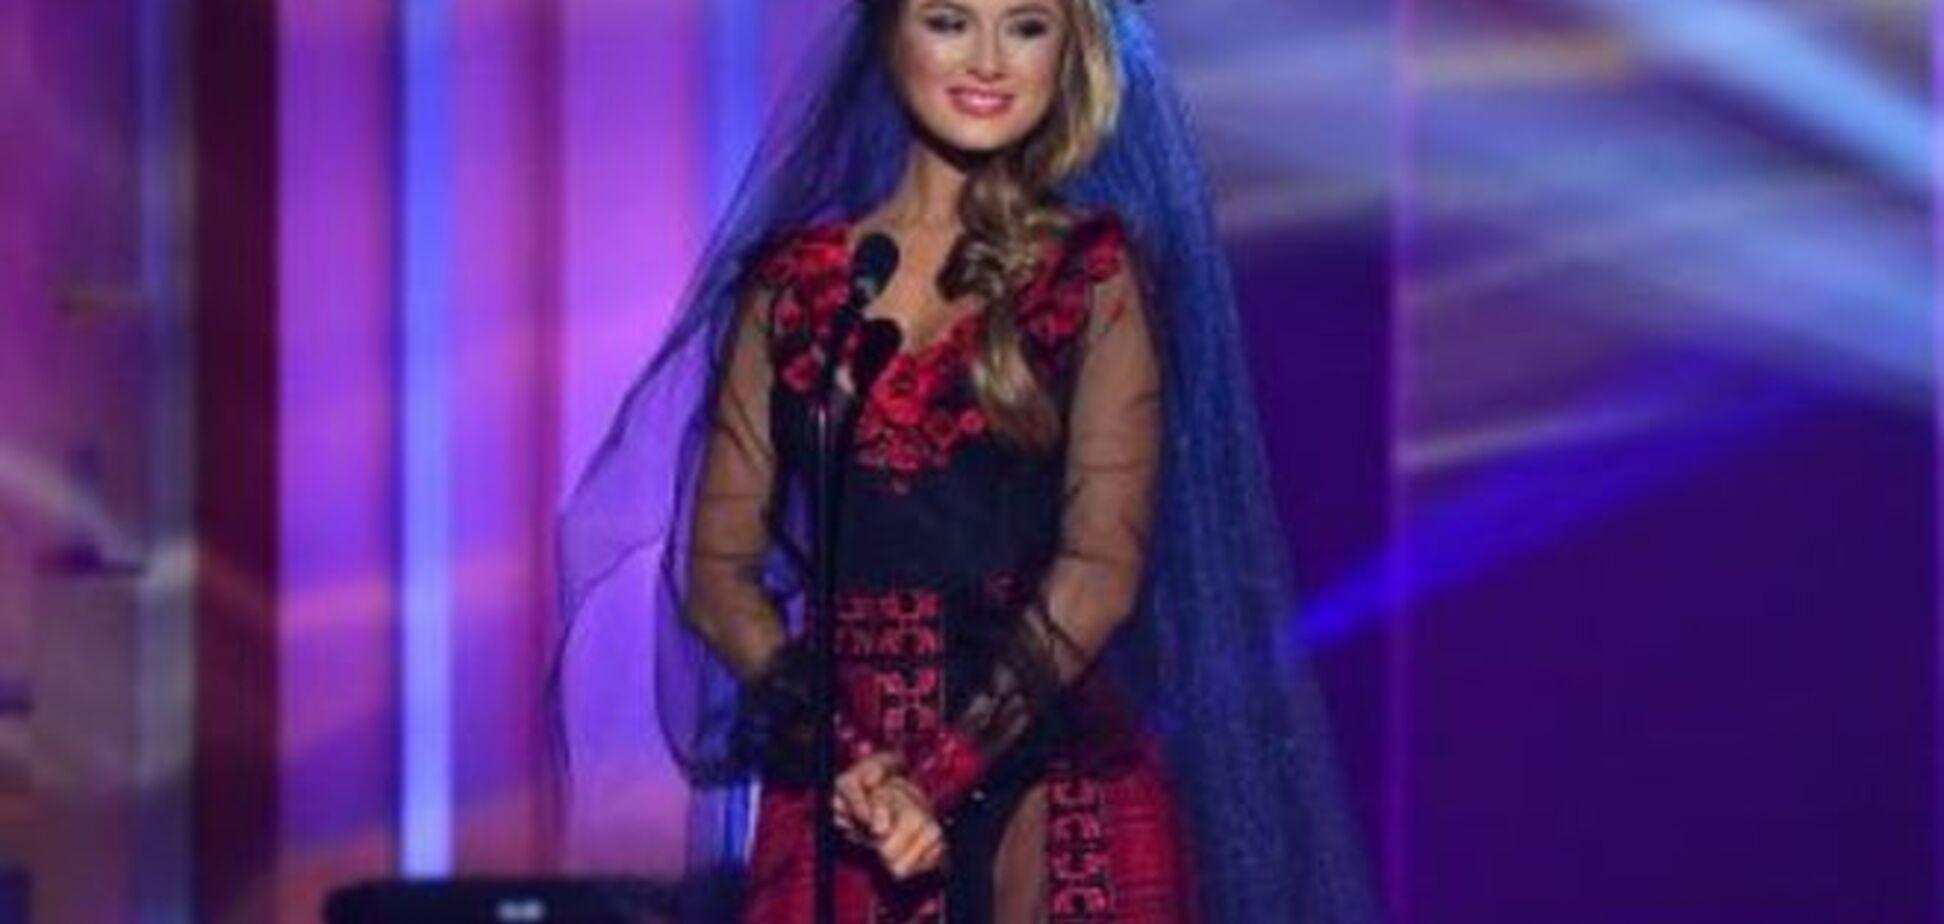 Парад национальных костюмов 'Мисс Вселенная 2015': украинская 'Невеста войны' не прошла в финал